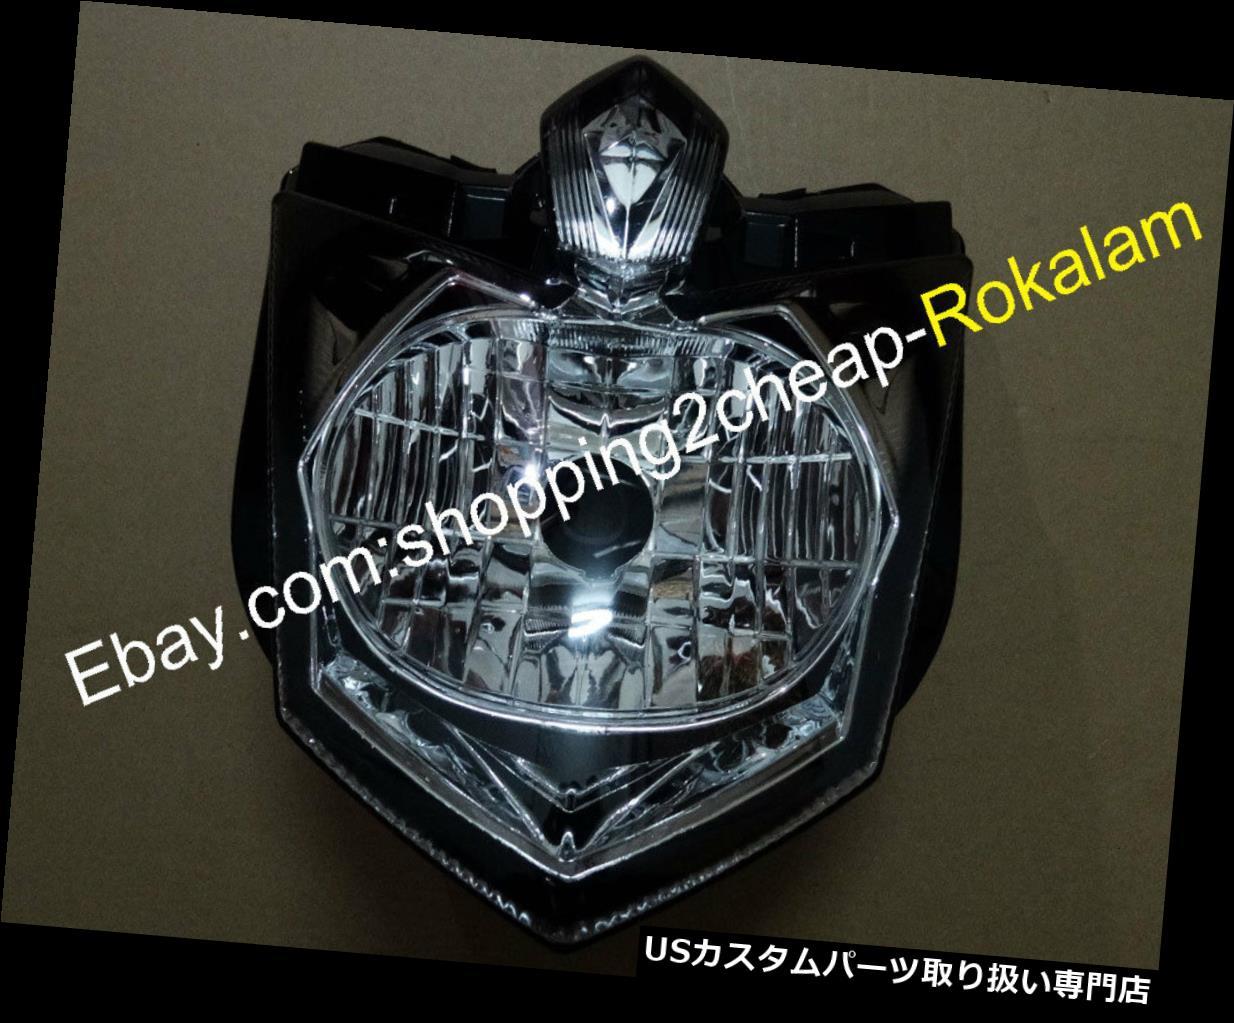 USヘッドライト ヤマハFZ6R FZ 6R 09 10 11 12 13 14 15フロントライト部品用ヘッドライトアセンブリ Headlight Assembly For Yamaha FZ6R FZ 6R 09 10 11 12 13 14 15 Front Light Parts